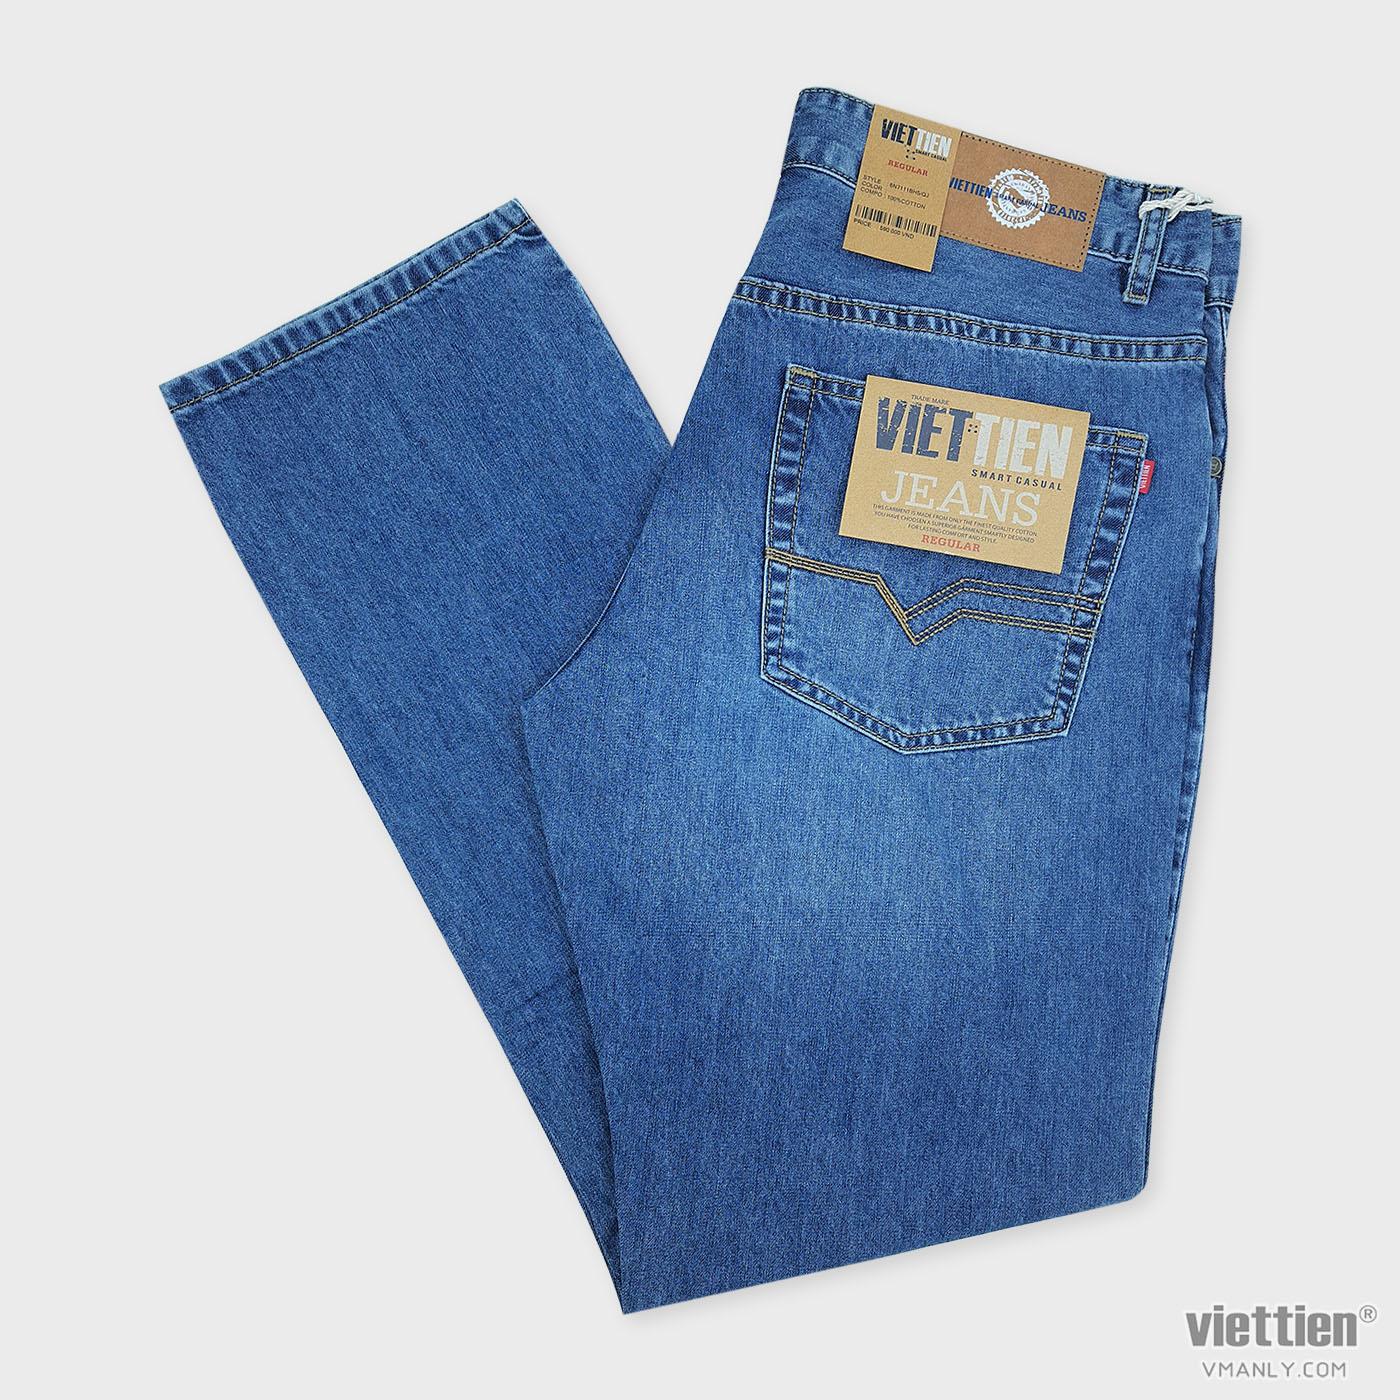 Quần Jeans nam Việt Tiến regular, 100% cotton màu xanh jeans 6N7111BH5/QJ